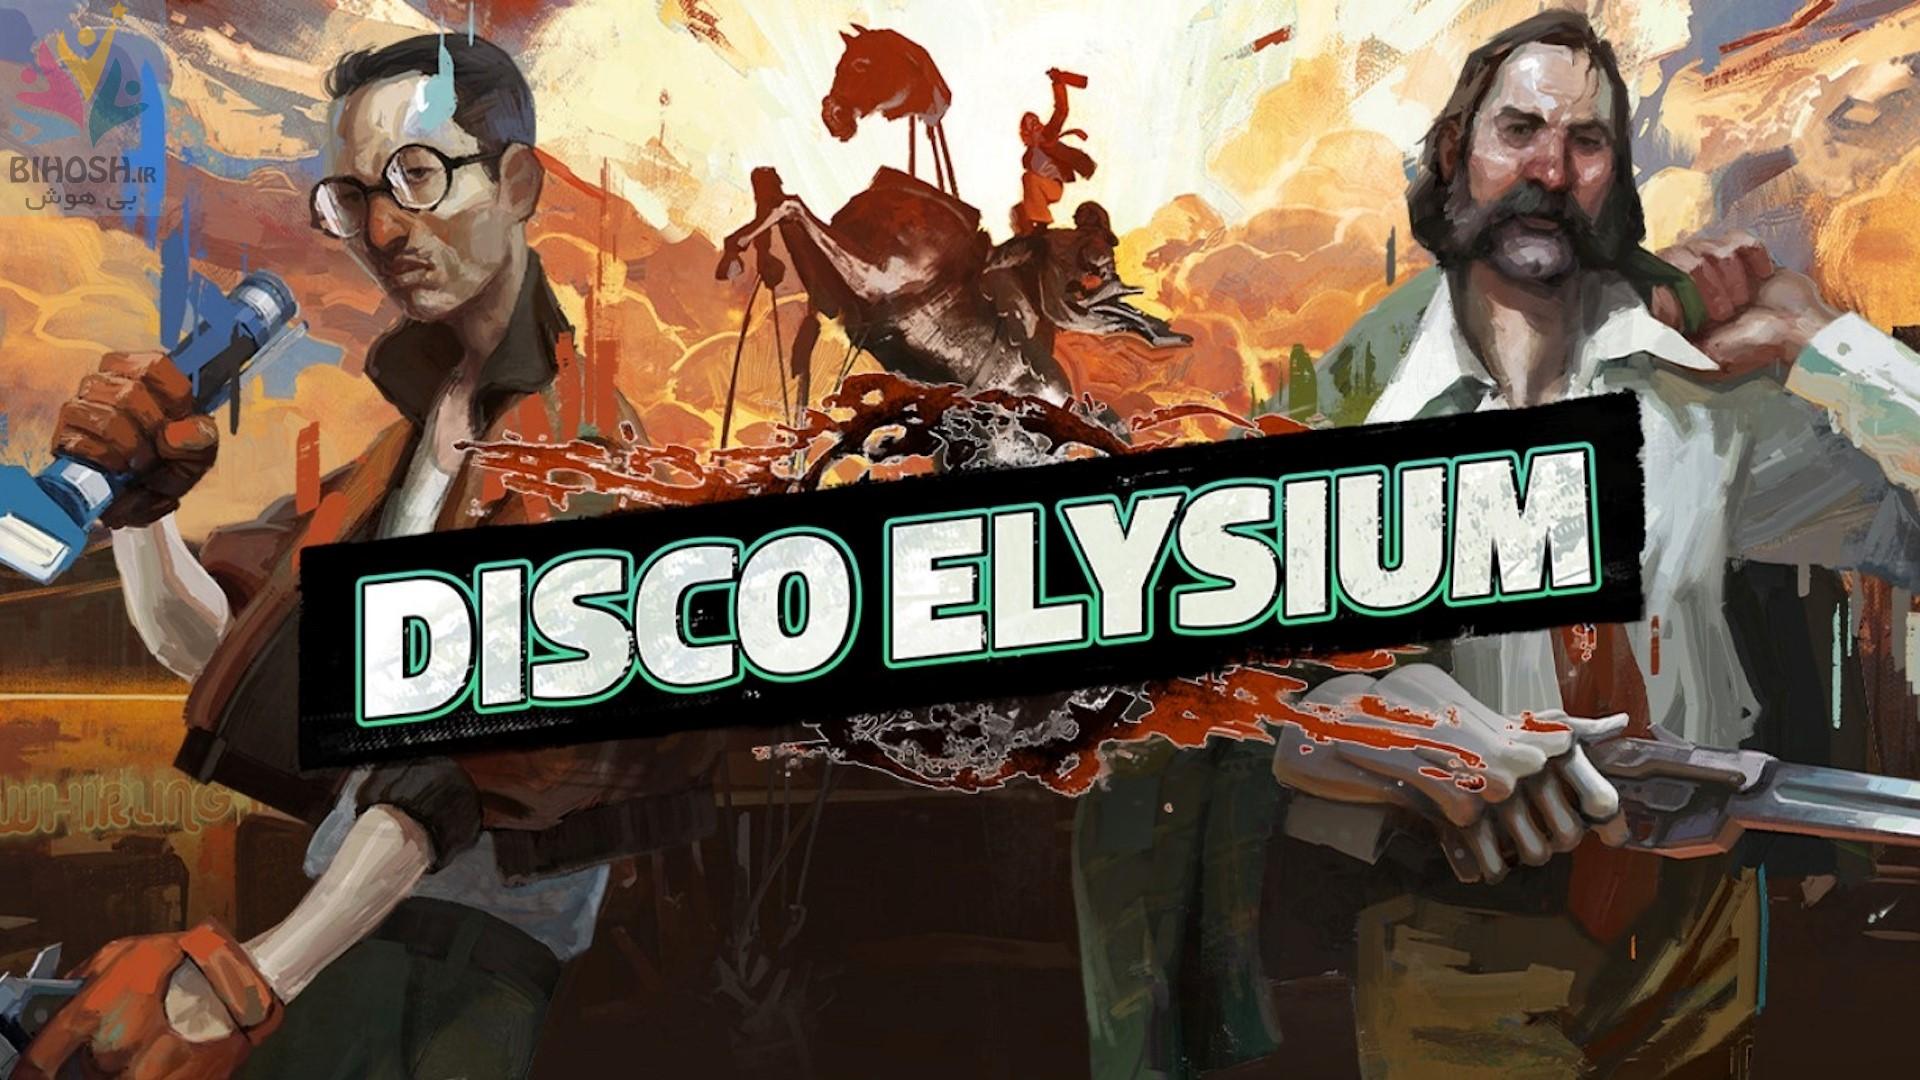 بازی دیسکو الیسیوم